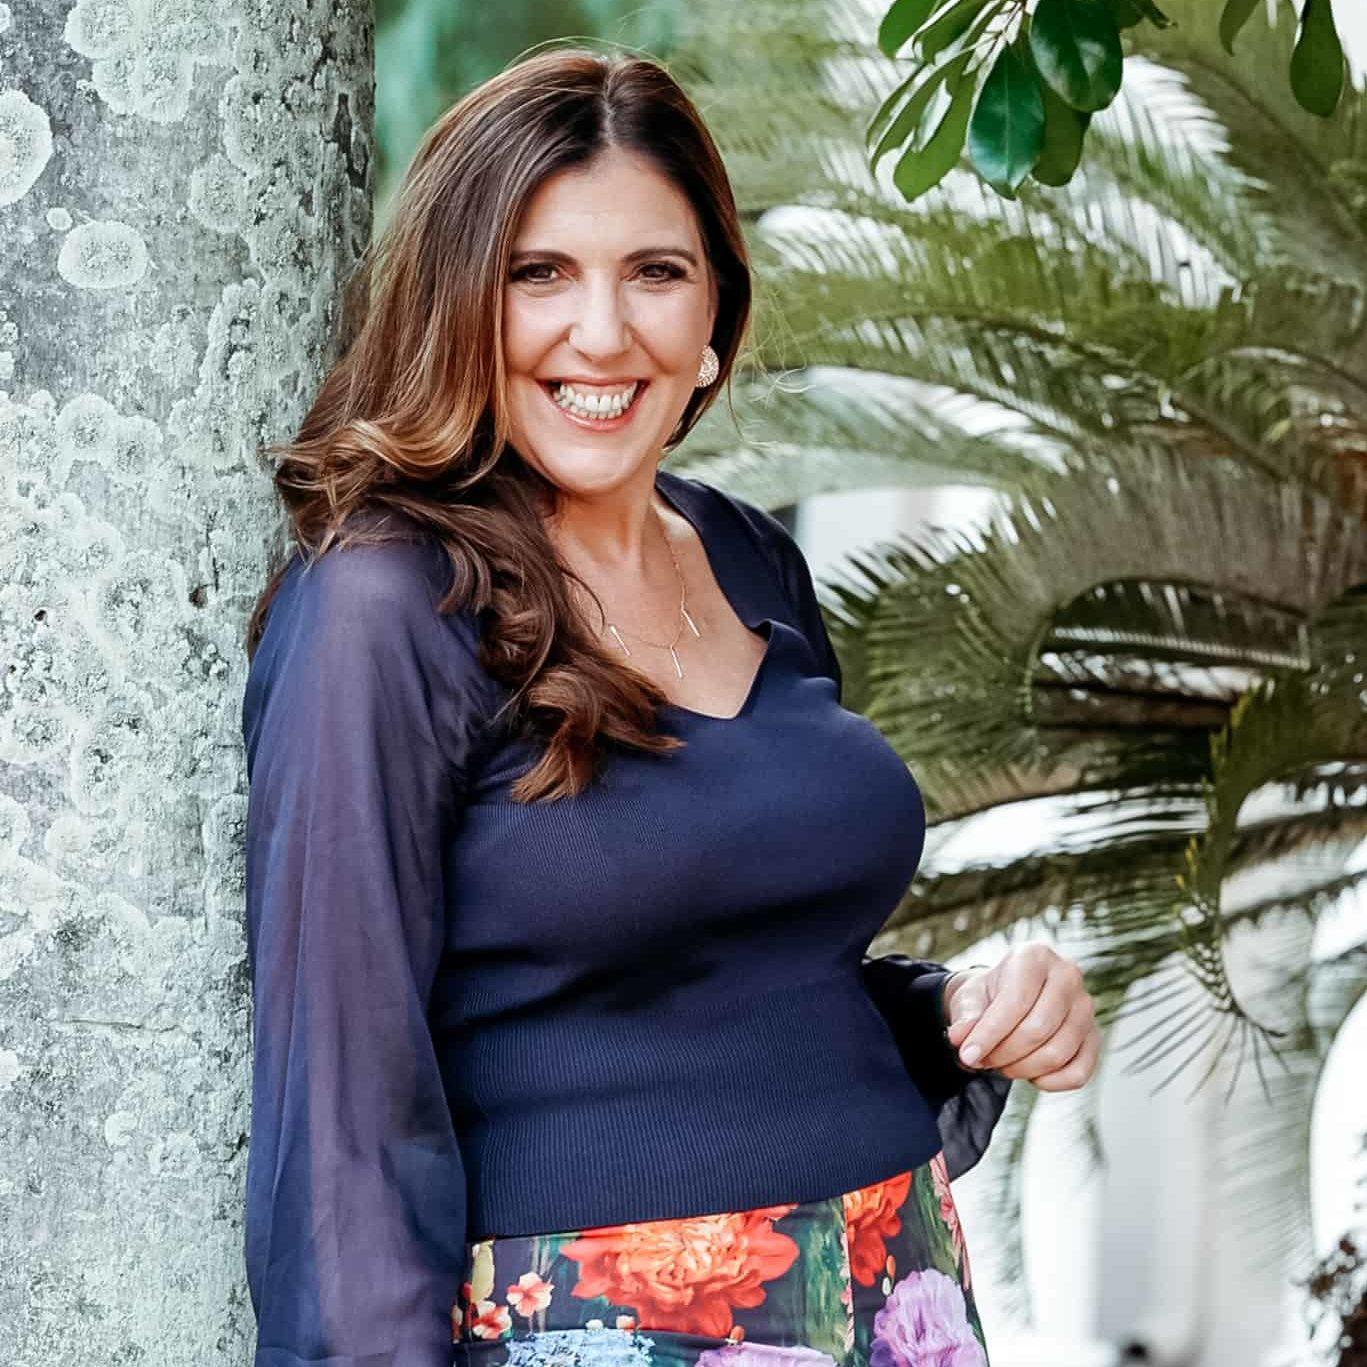 Dr. Anna Cabeca, OB/GYN